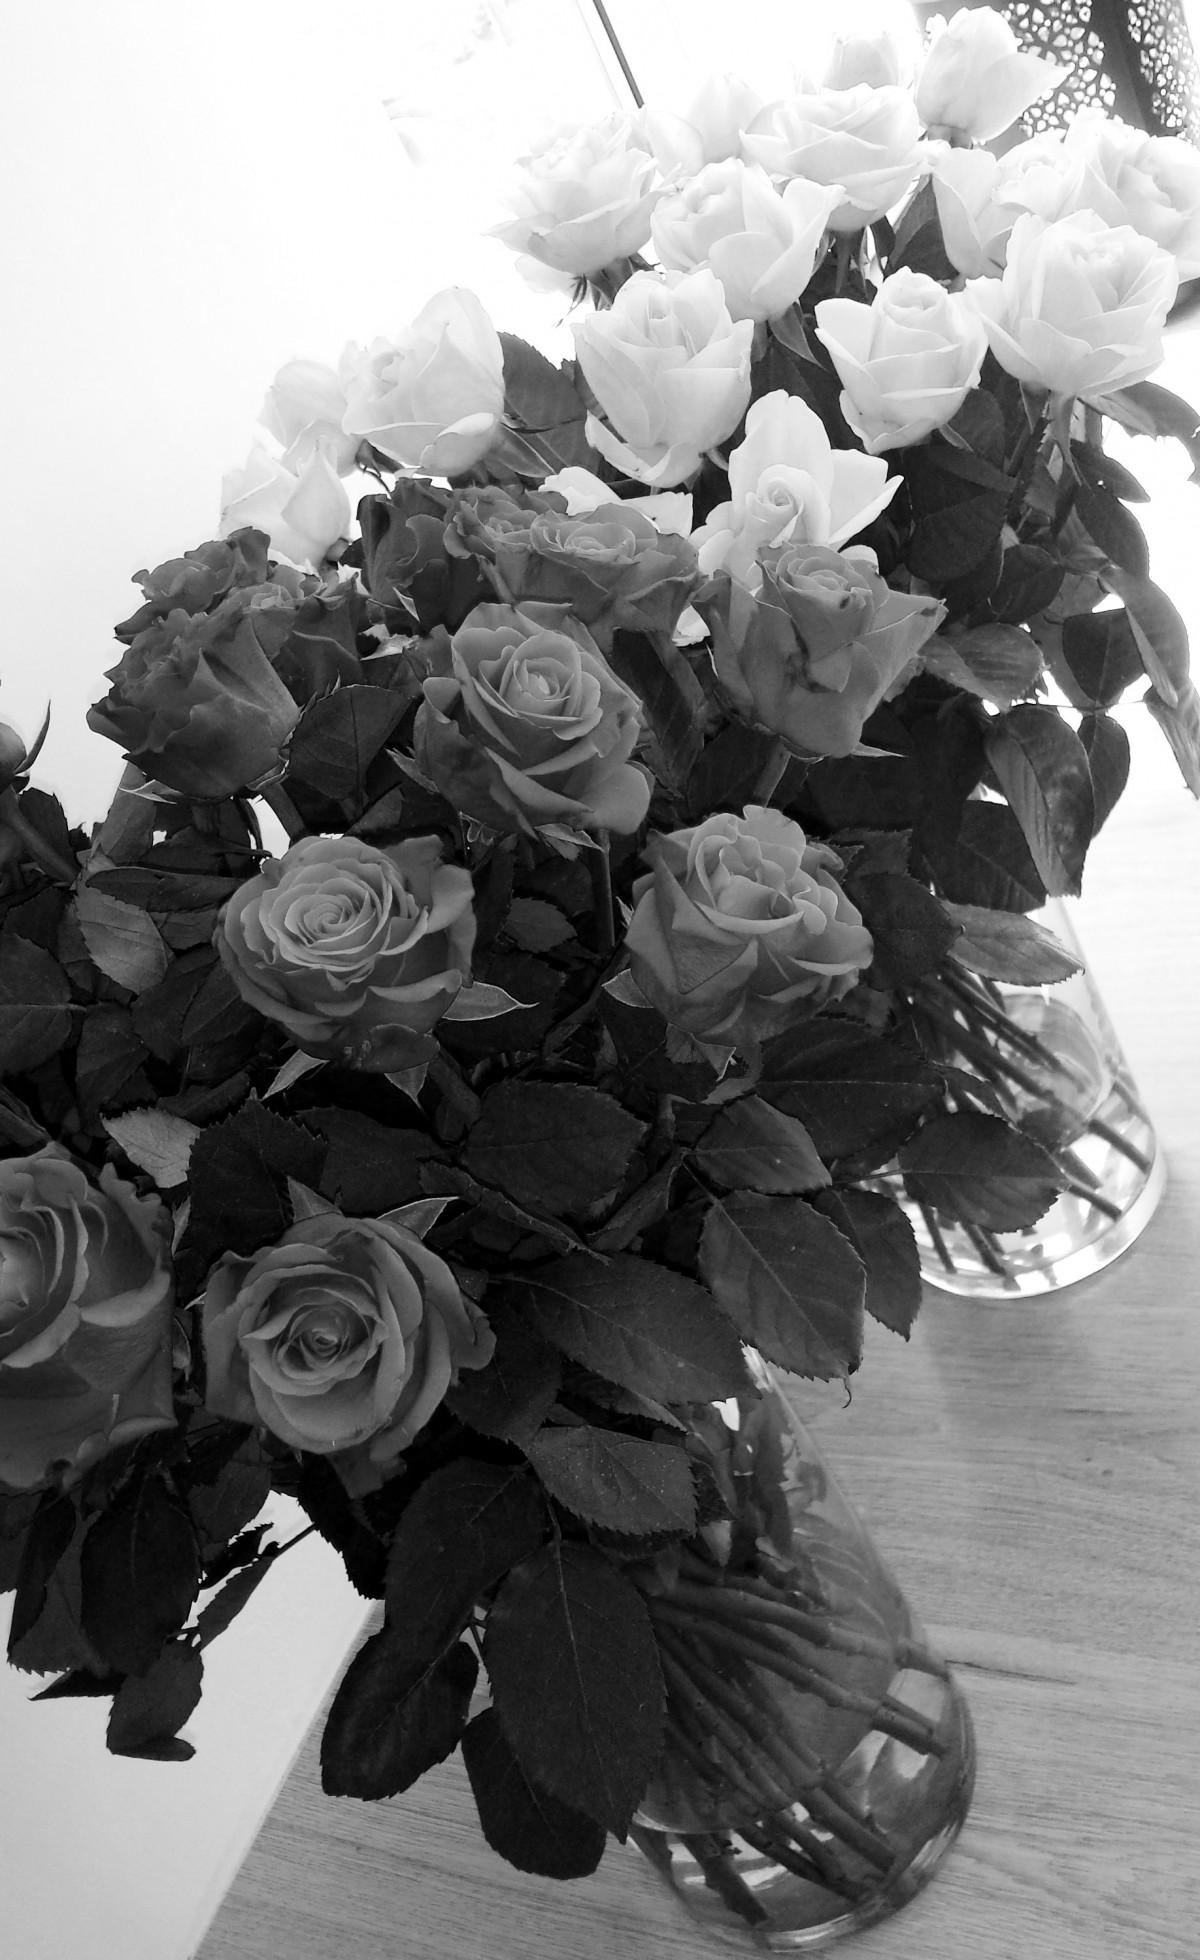 Images Gratuites : fleur, noir et blanc, la photographie, pétale, Floraison, amour, cadeau, Rose ...